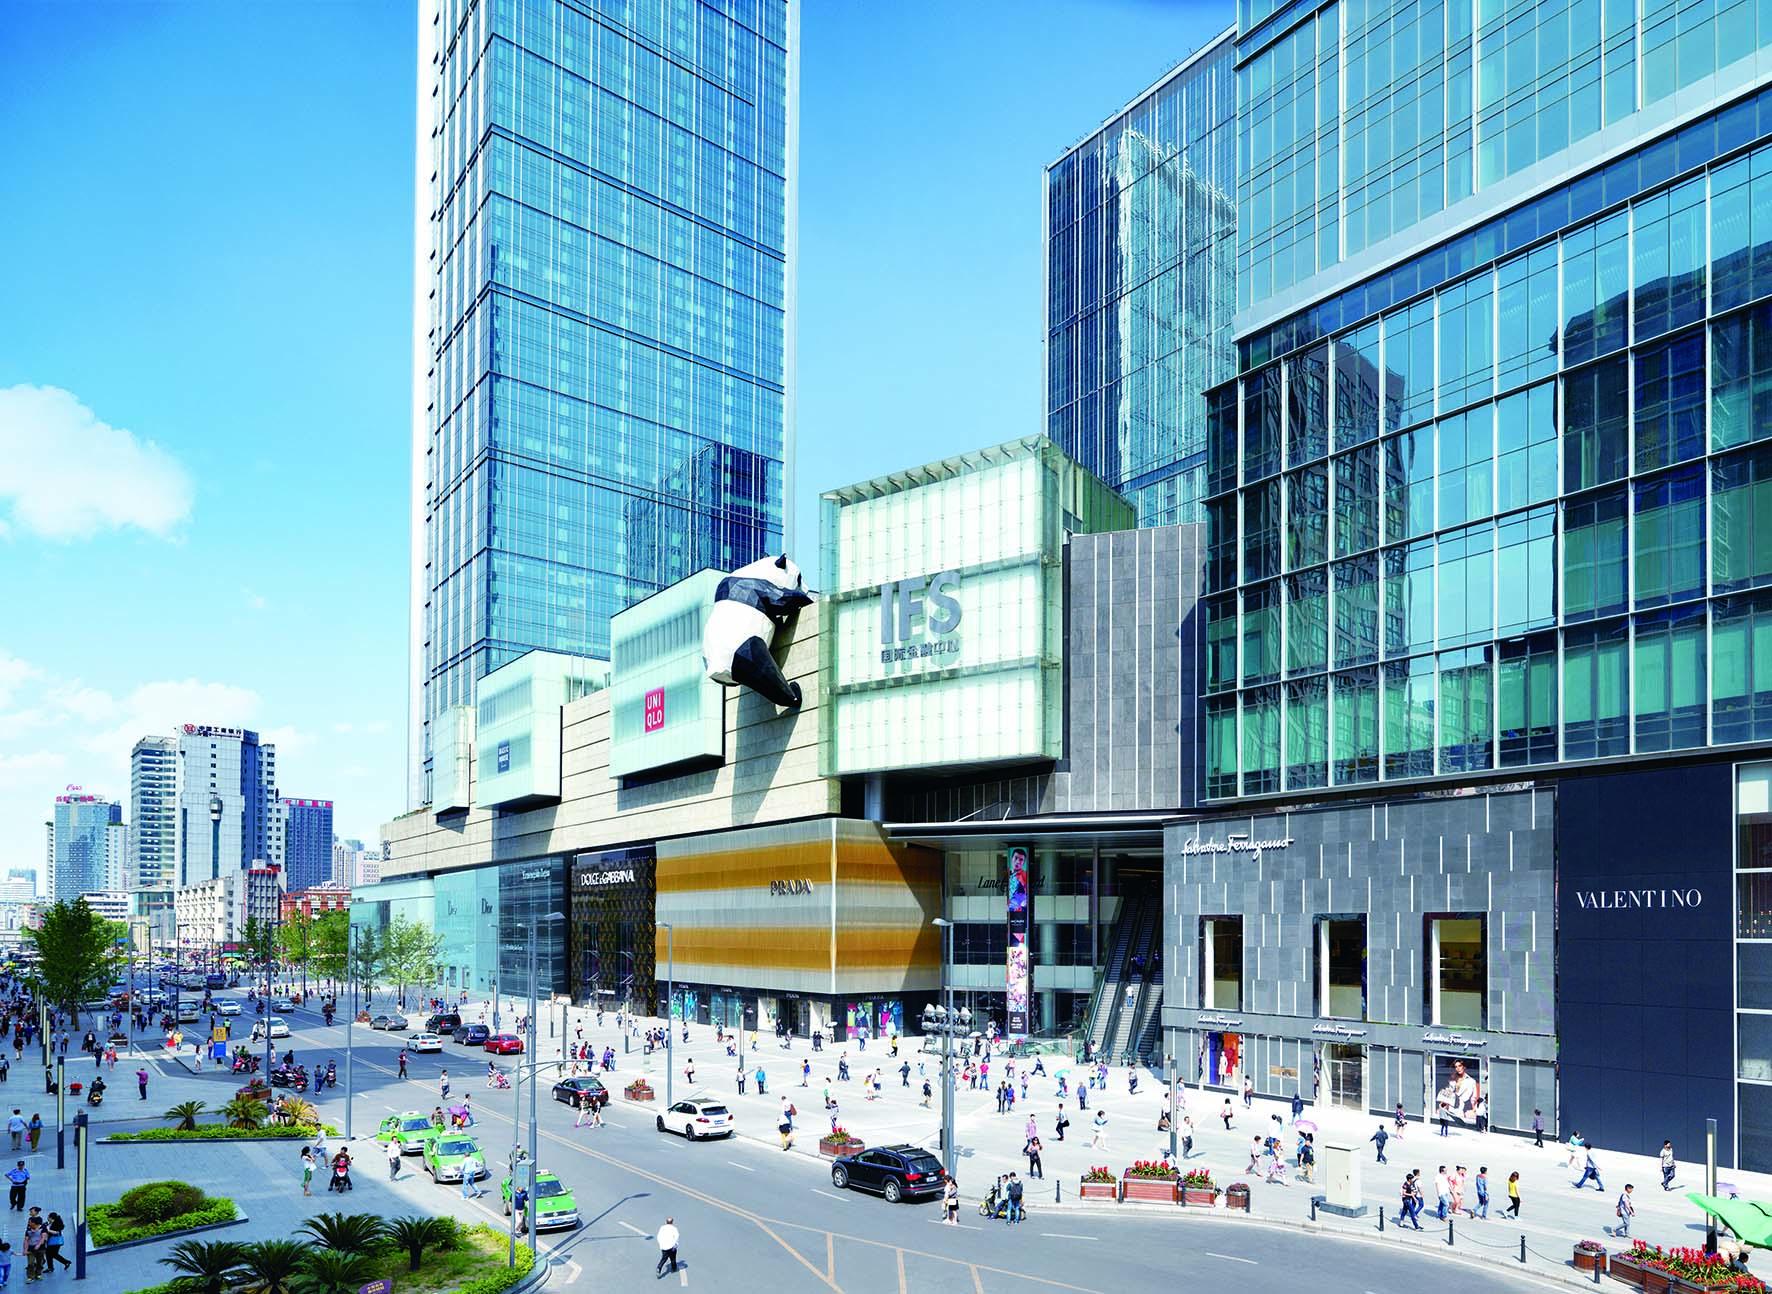 九龙仓集团发布2020年度财报:成都IFS引入品牌超120家,长沙IFS零售收入上涨42%